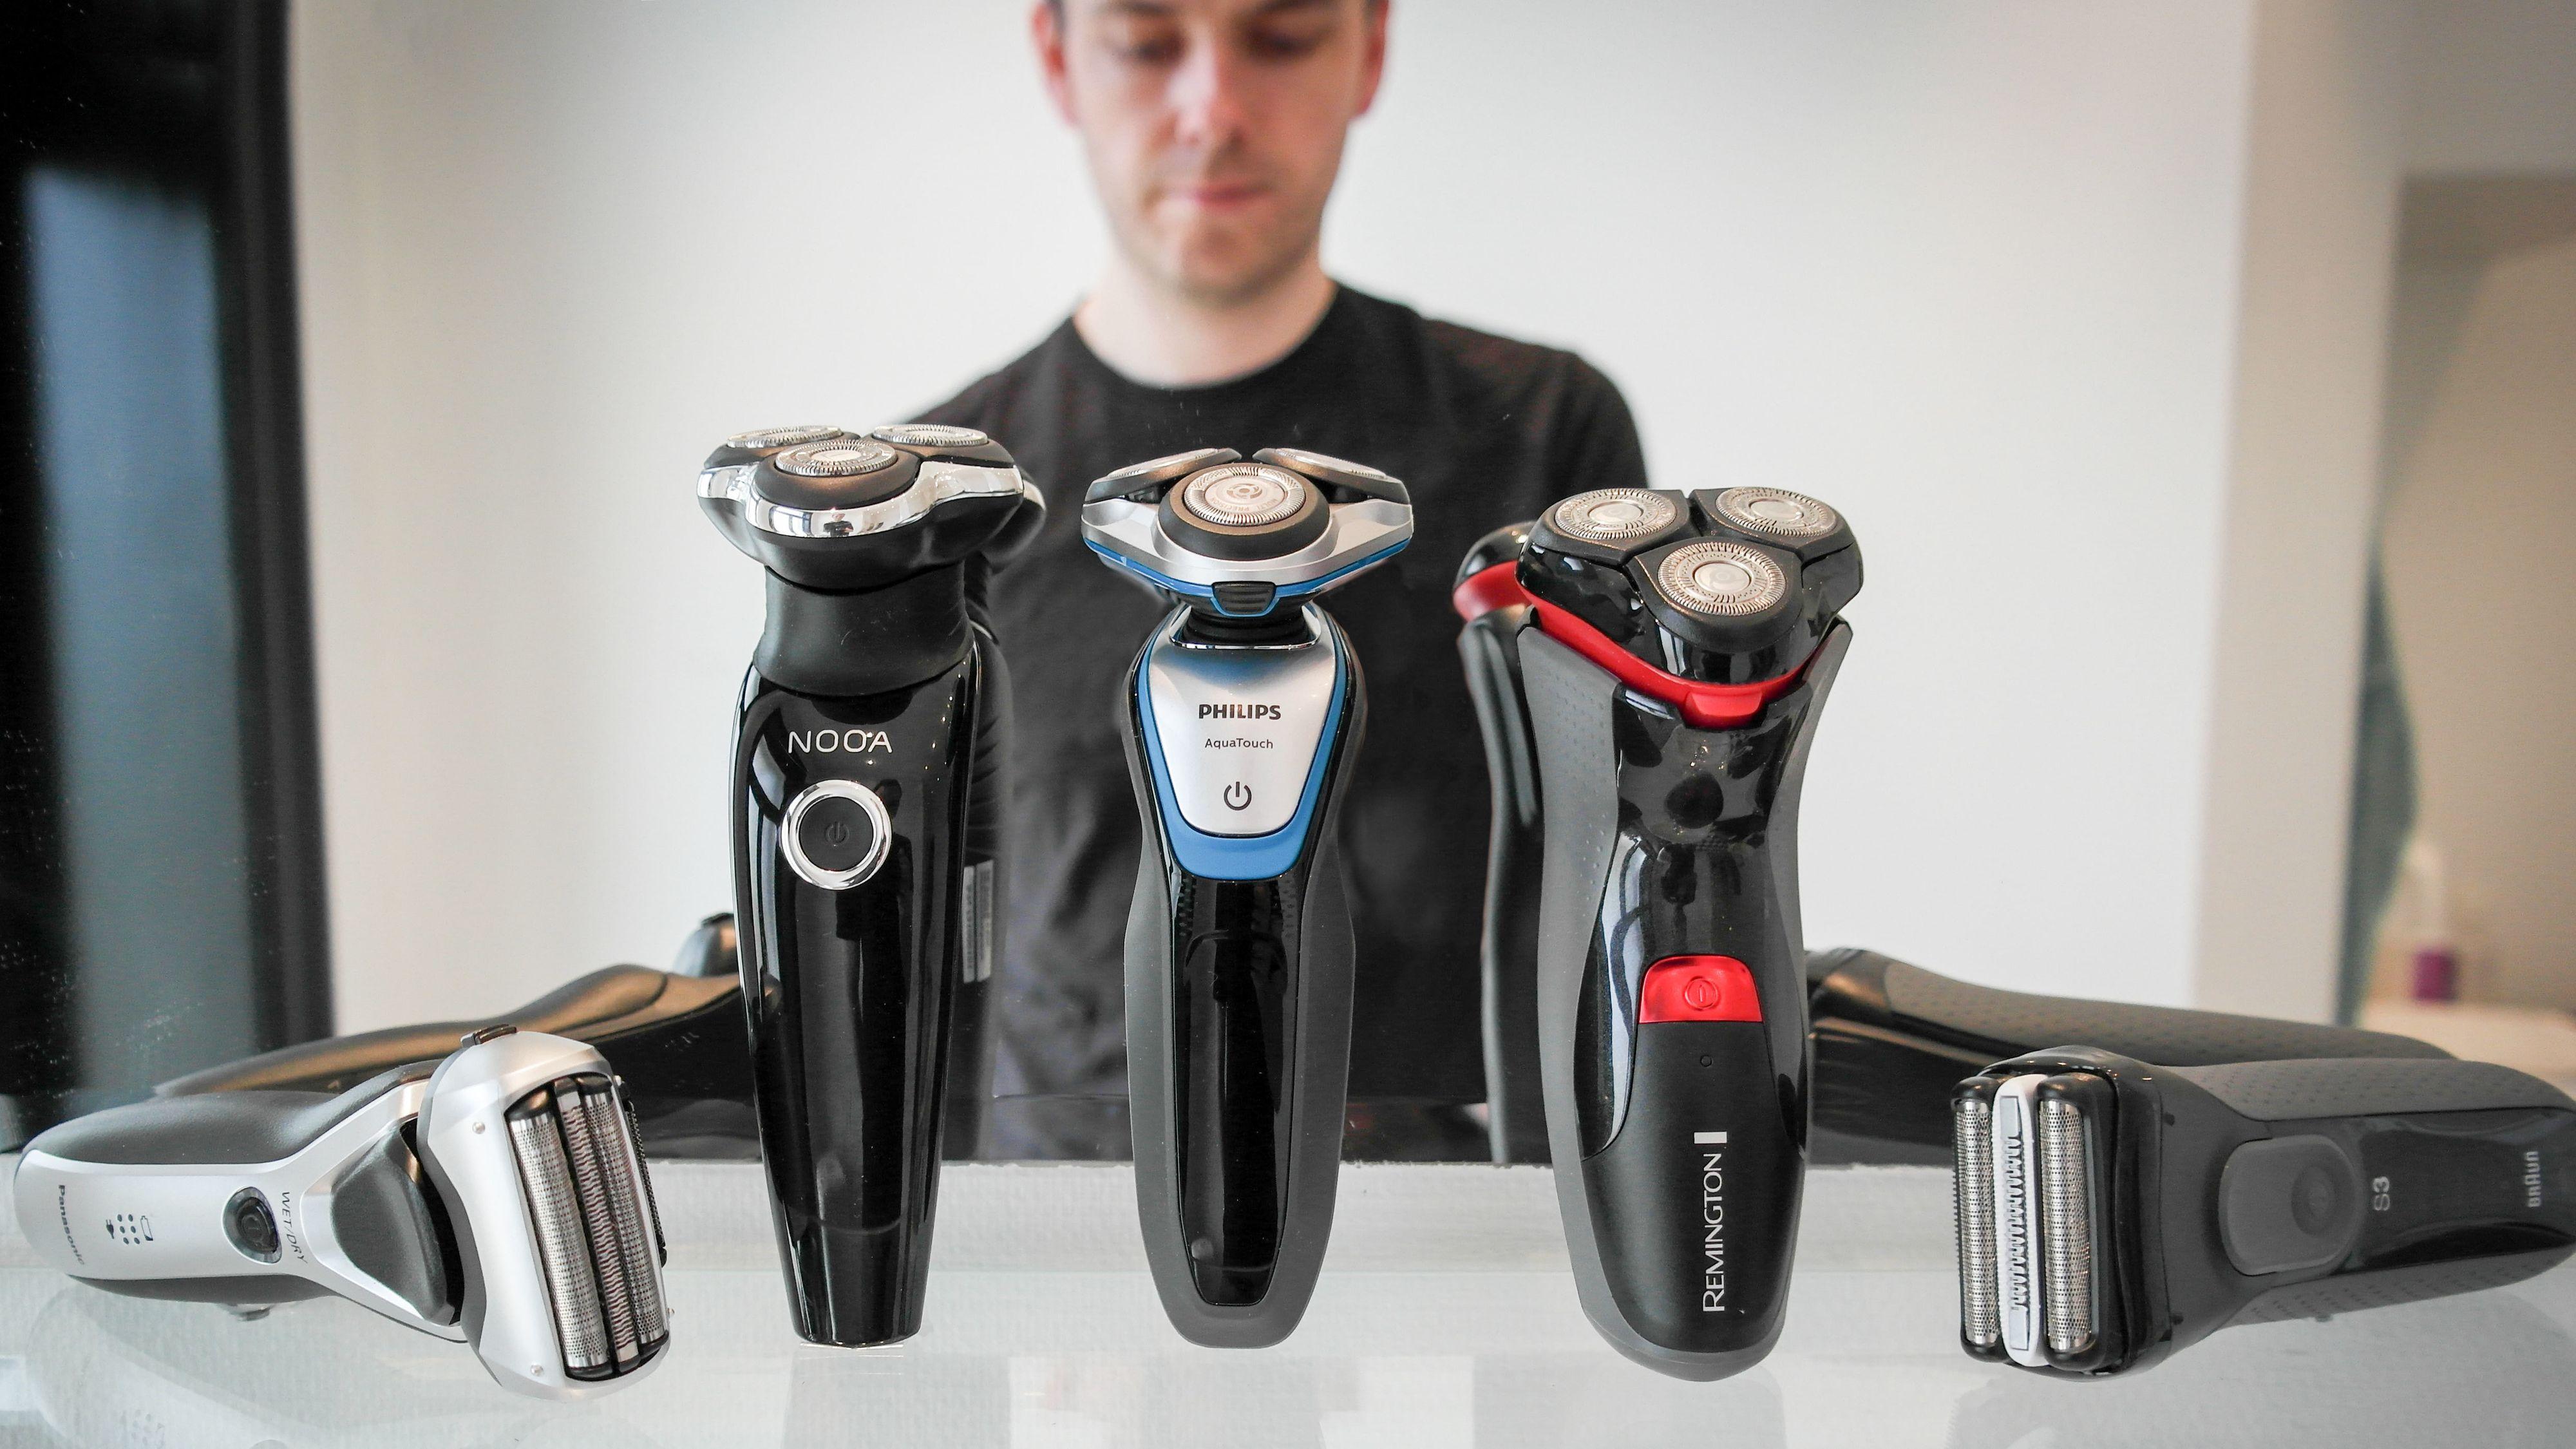 Barbermaskiner til under 1000 kr